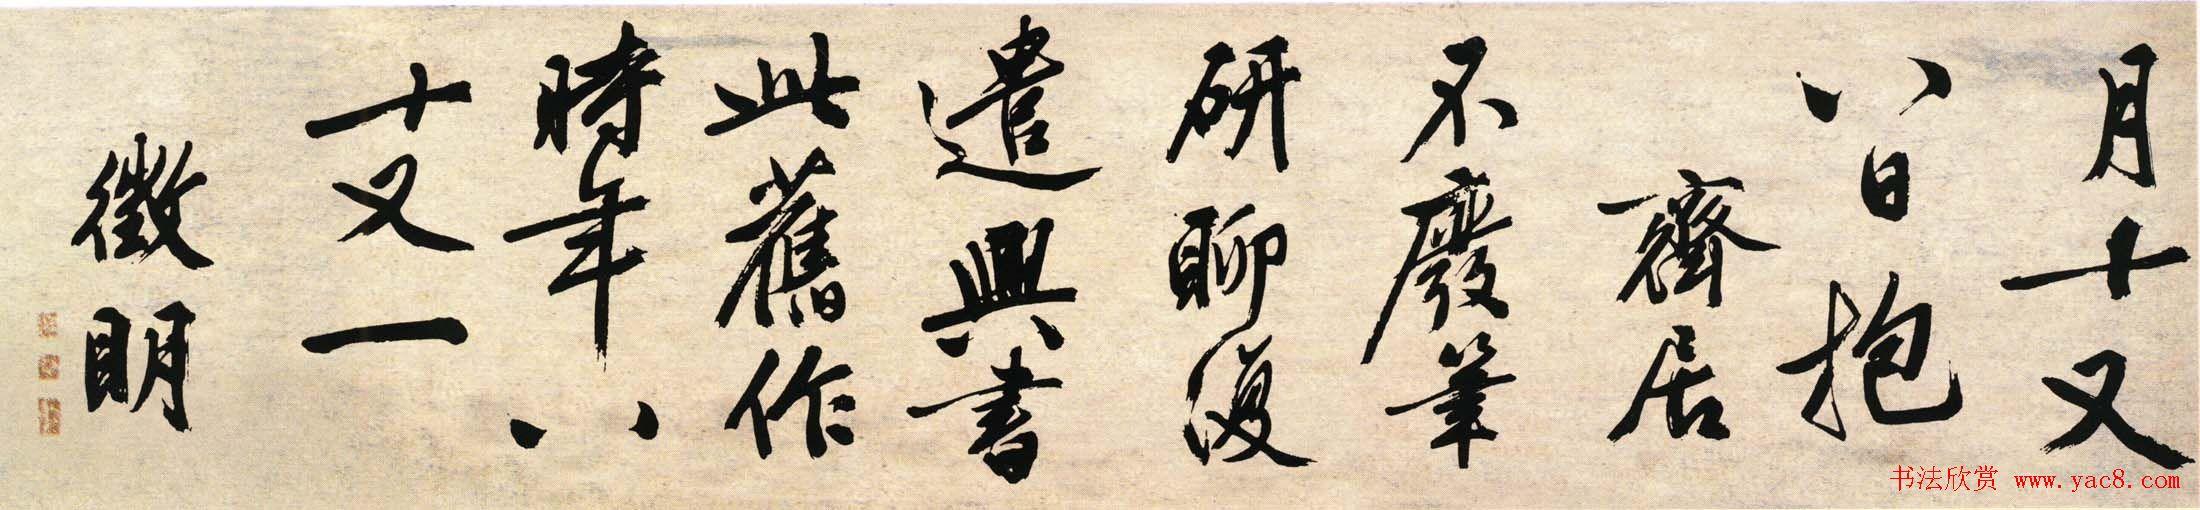 [转载]明代书画家文徵明书法绘画作品欣赏_林飞研究